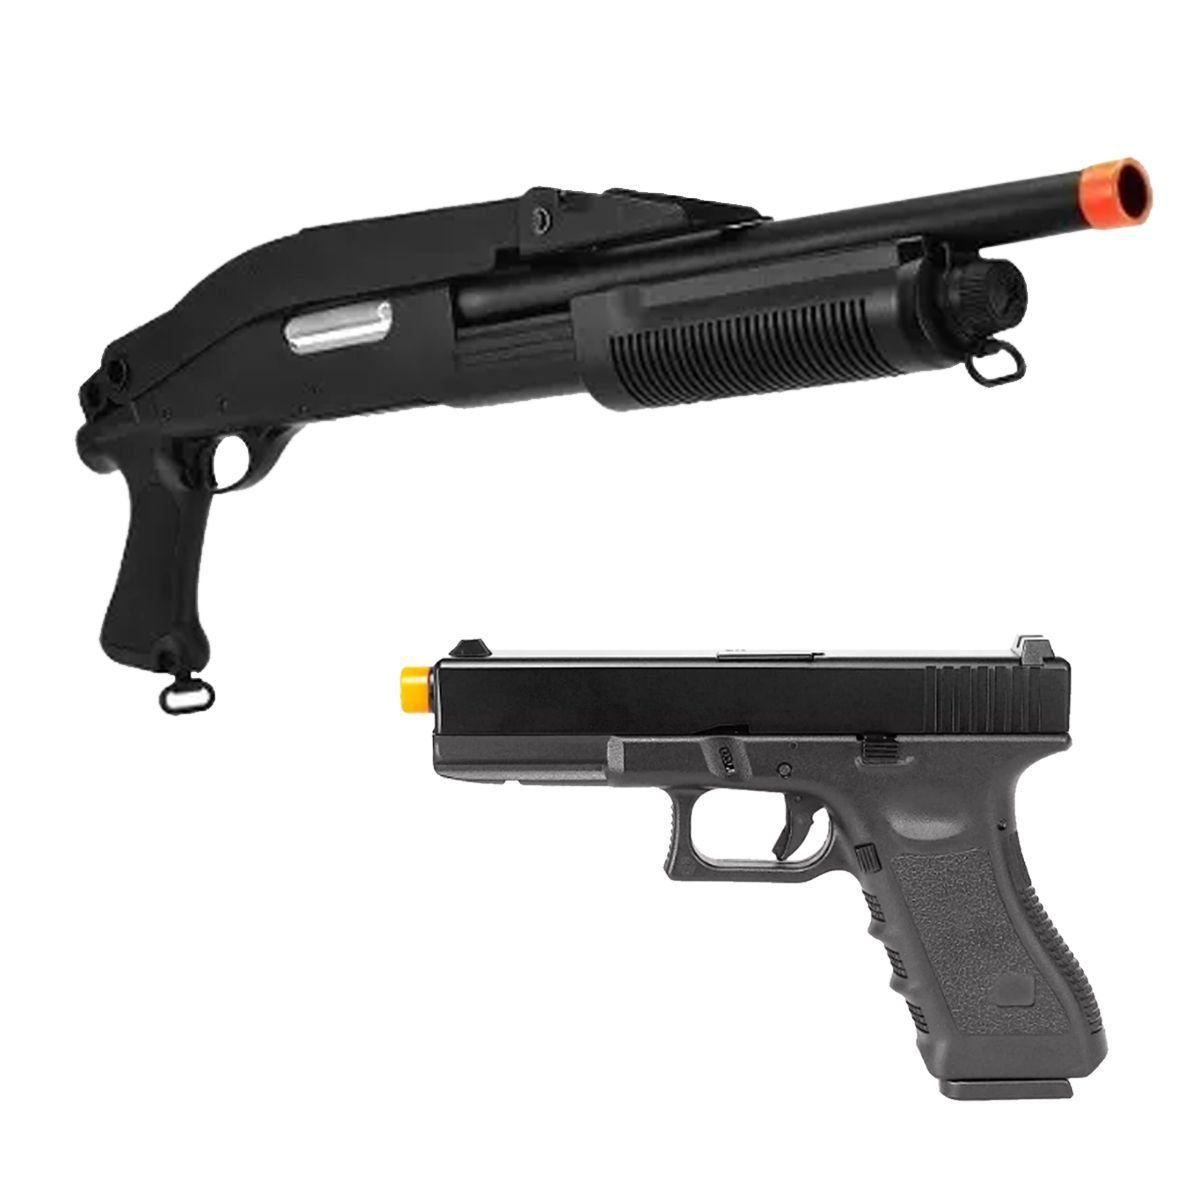 Shotgun De Airsoft Cyma Cm352 + Pist Glock R17 Gbb Army